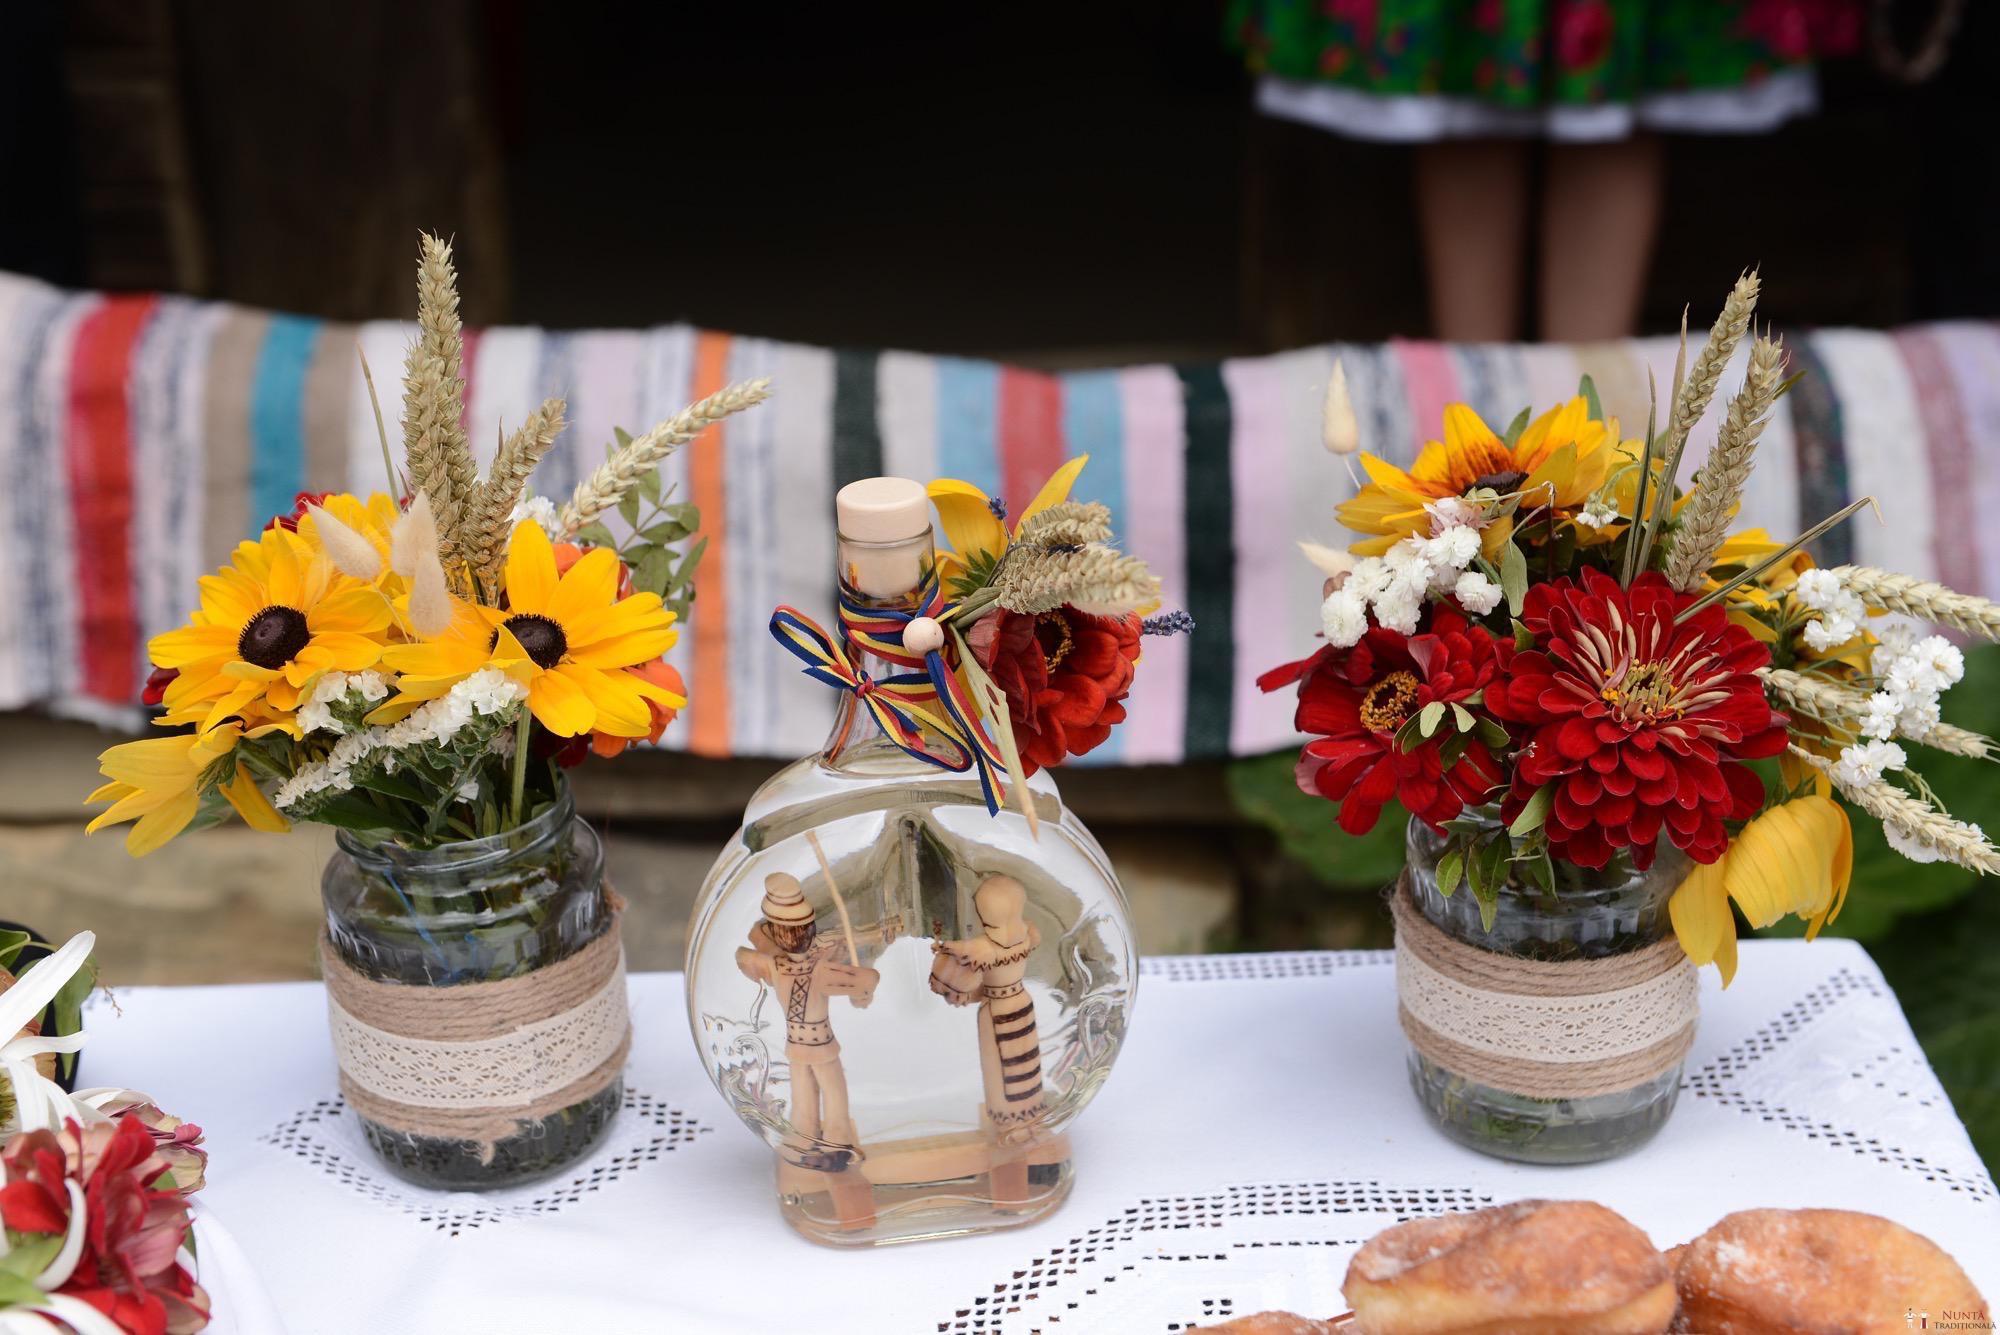 Povești Nunți Tradiționale - Florentina Vlad și Lemnean Ionuț. Cununie tradițională în Baia Mare 12